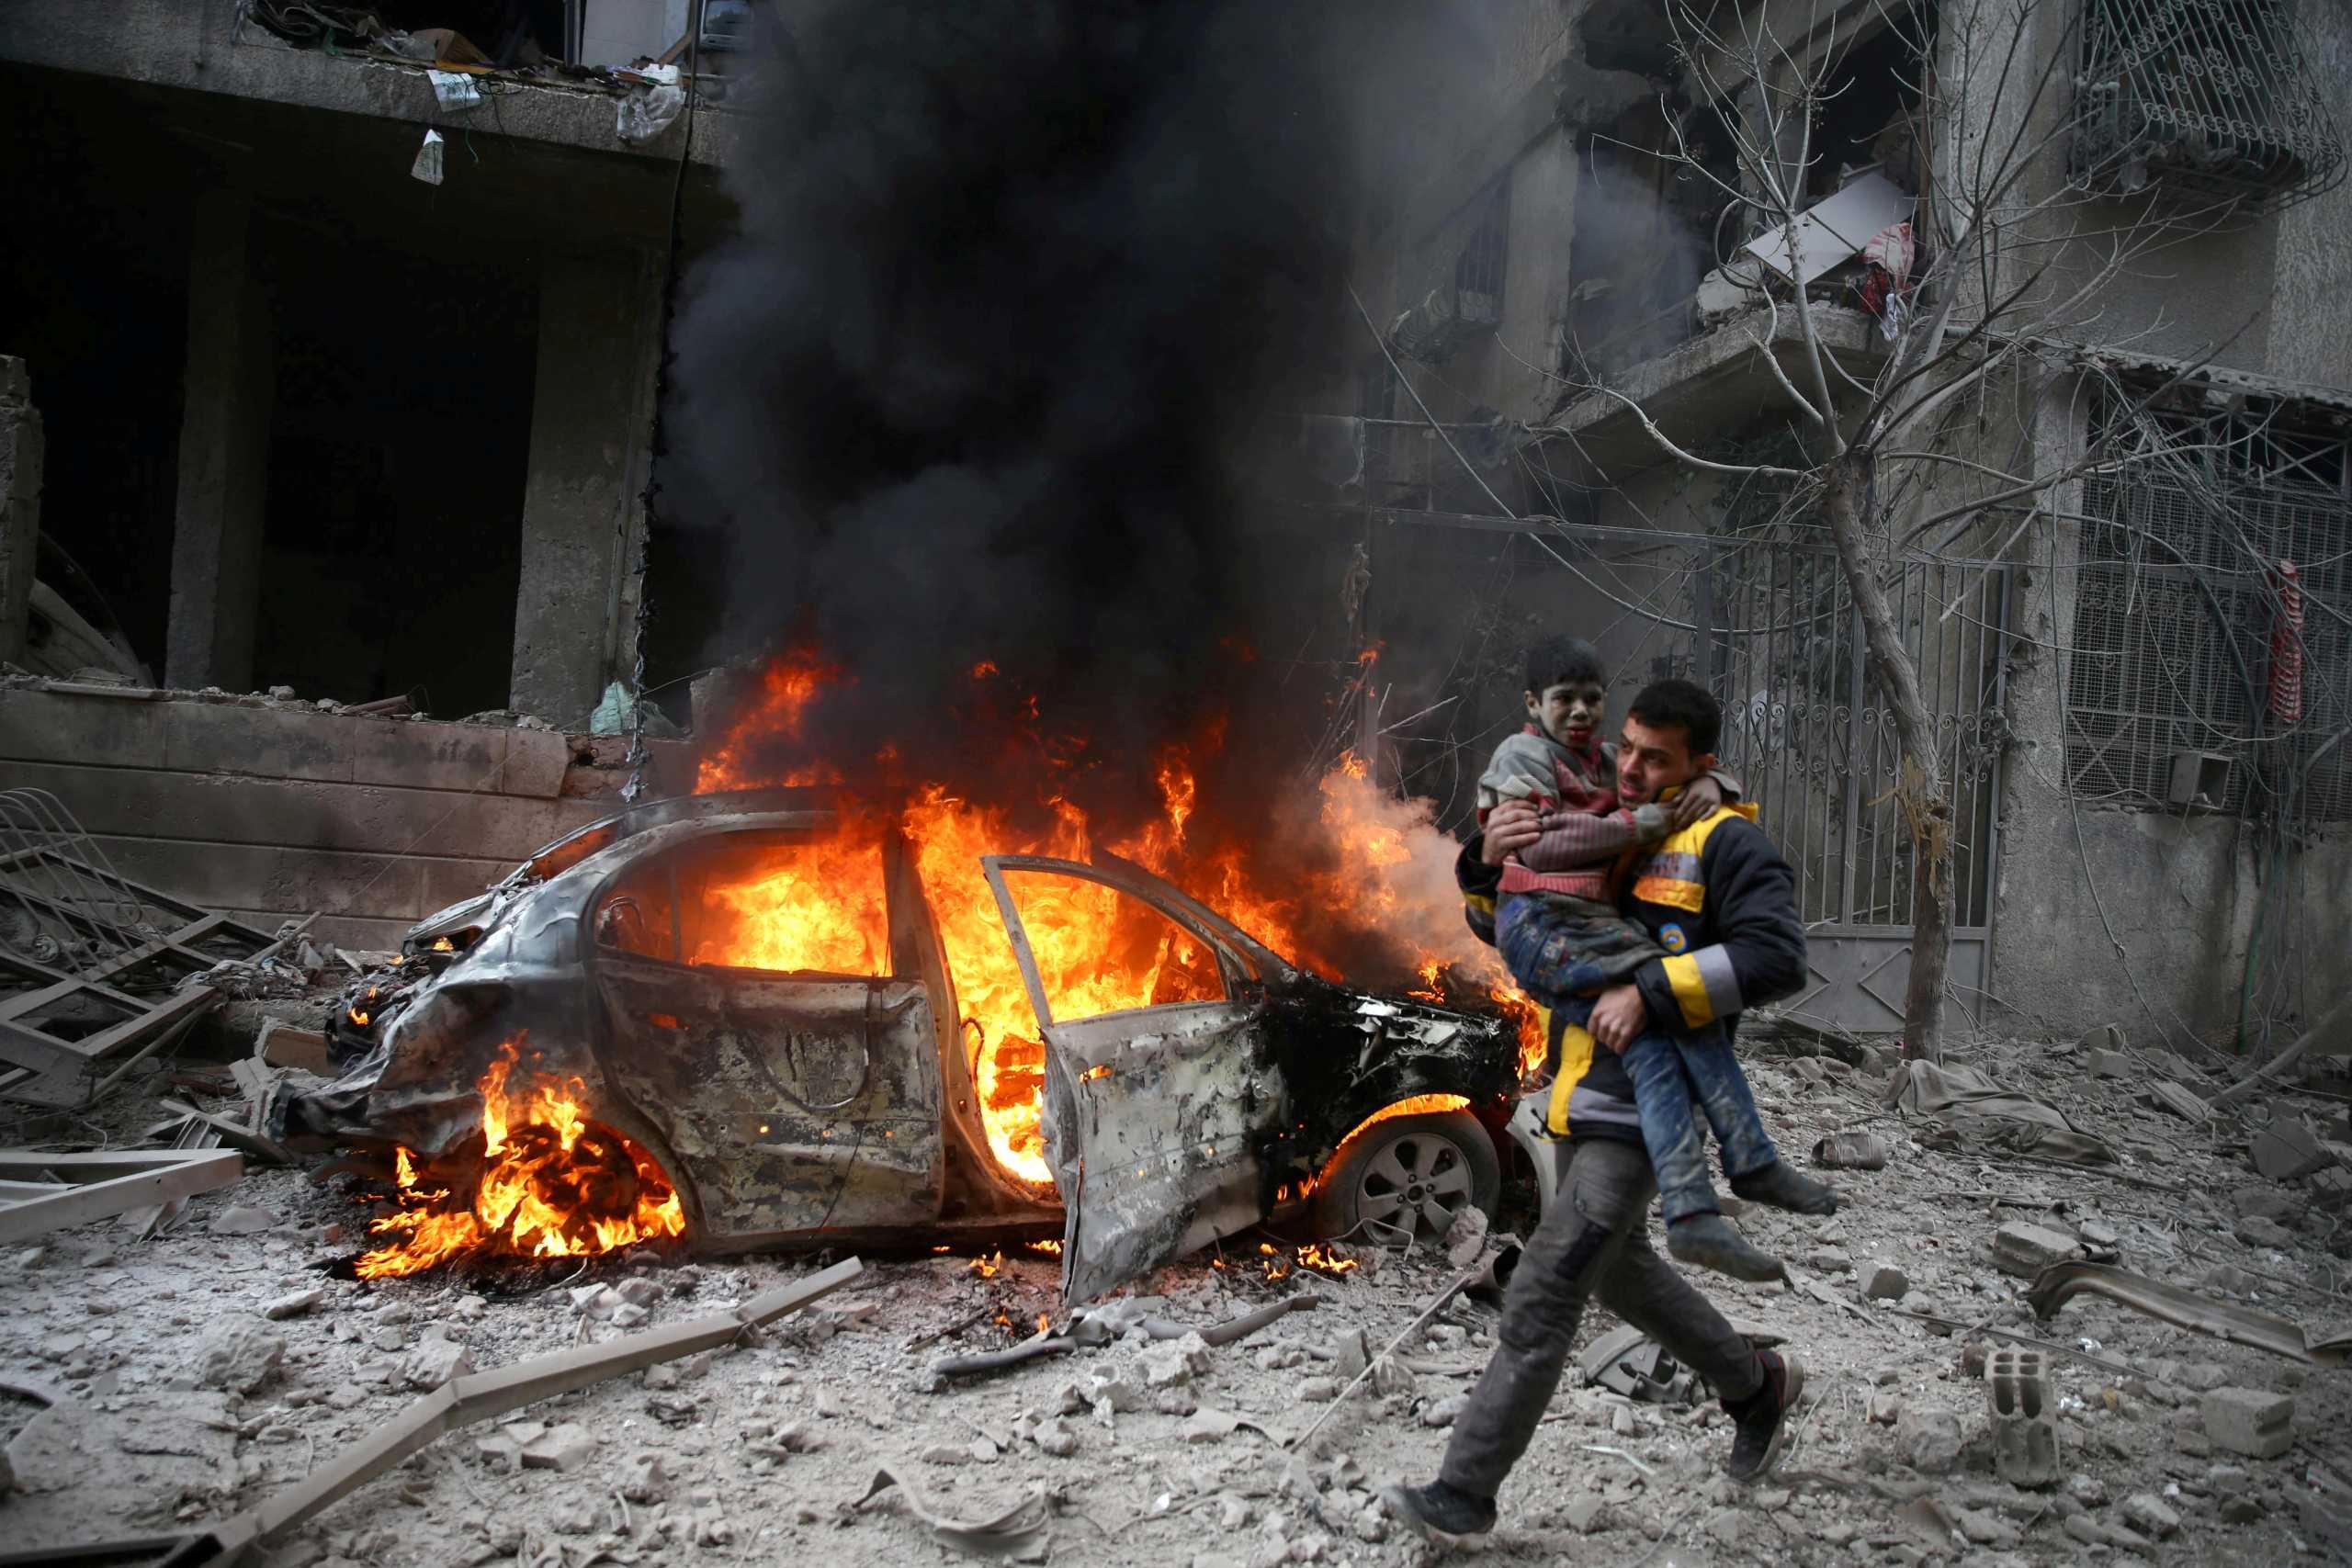 Συρία: Συμπλήρωσε 10 χρόνια ο αιματηρός πόλεμος – Τουλάχιστον 388.652 νεκροί